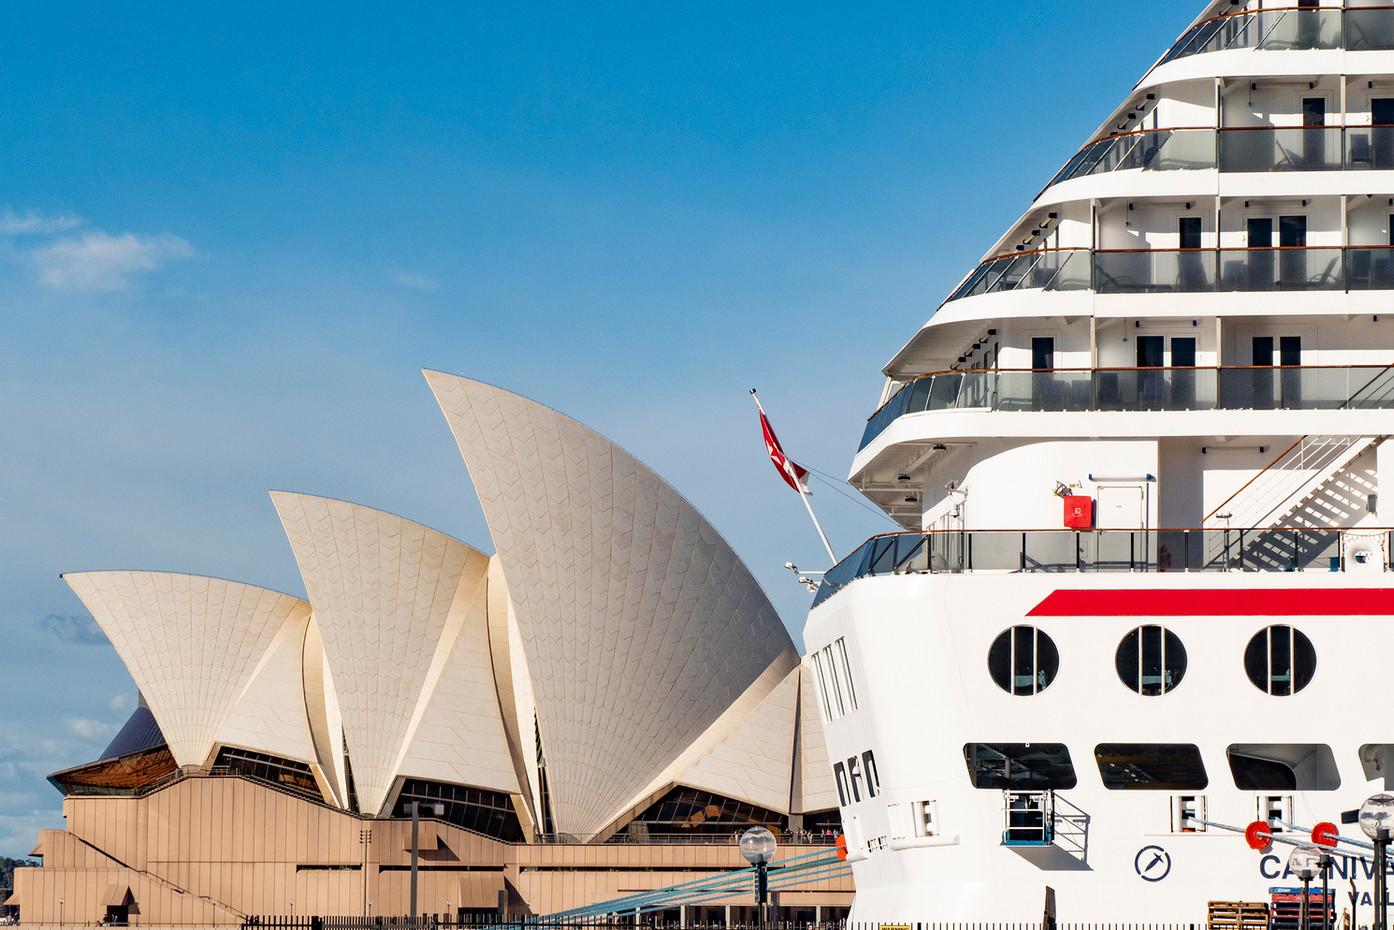 Sydney Opera House & cruise ship, Australia